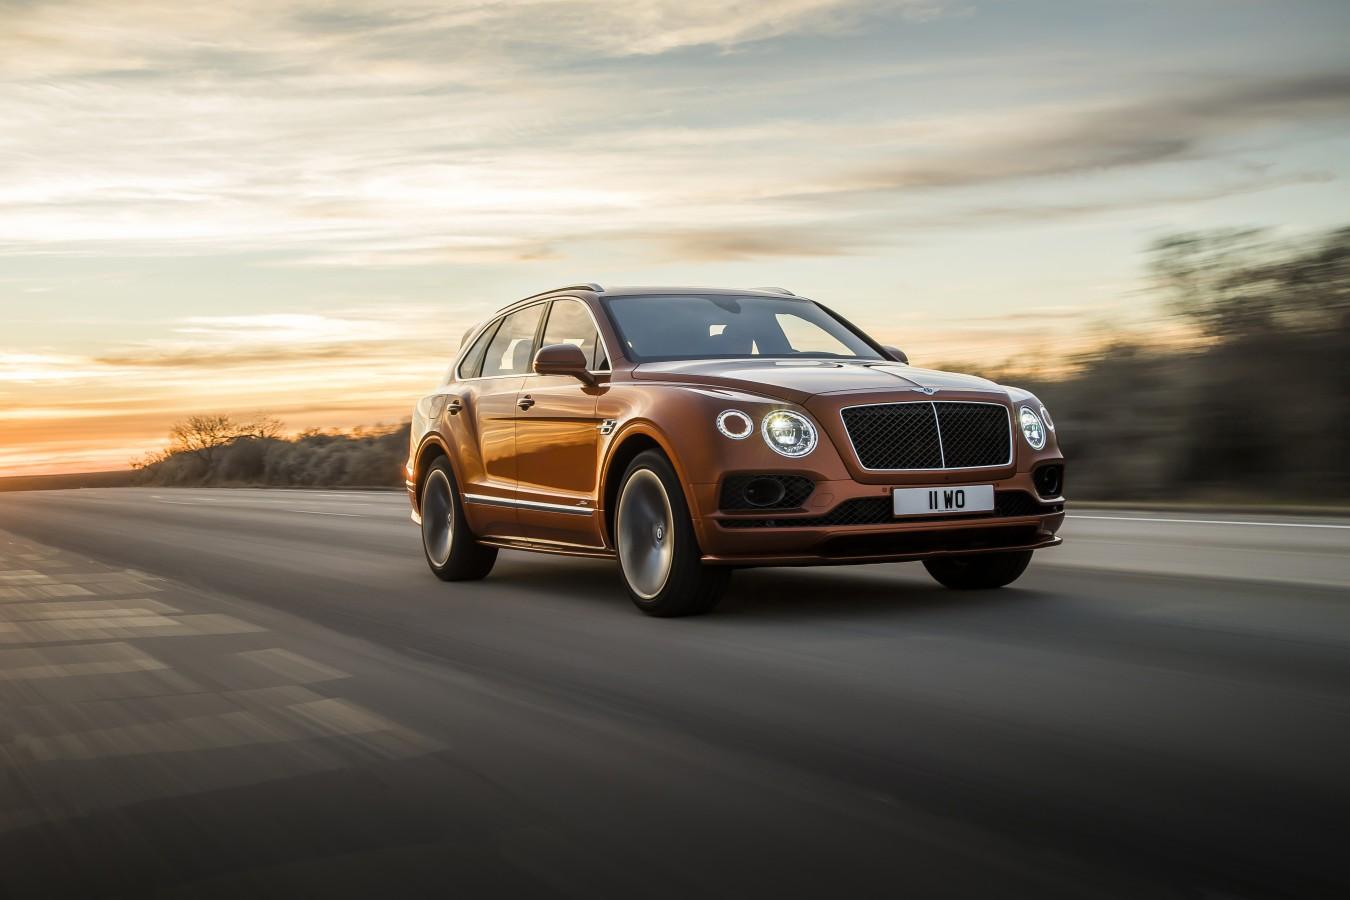 НОВЫЙ BENTLEY BENTAYGA SPEED - изображение Bentayga-Speed-4 на Bentleymoscow.ru!